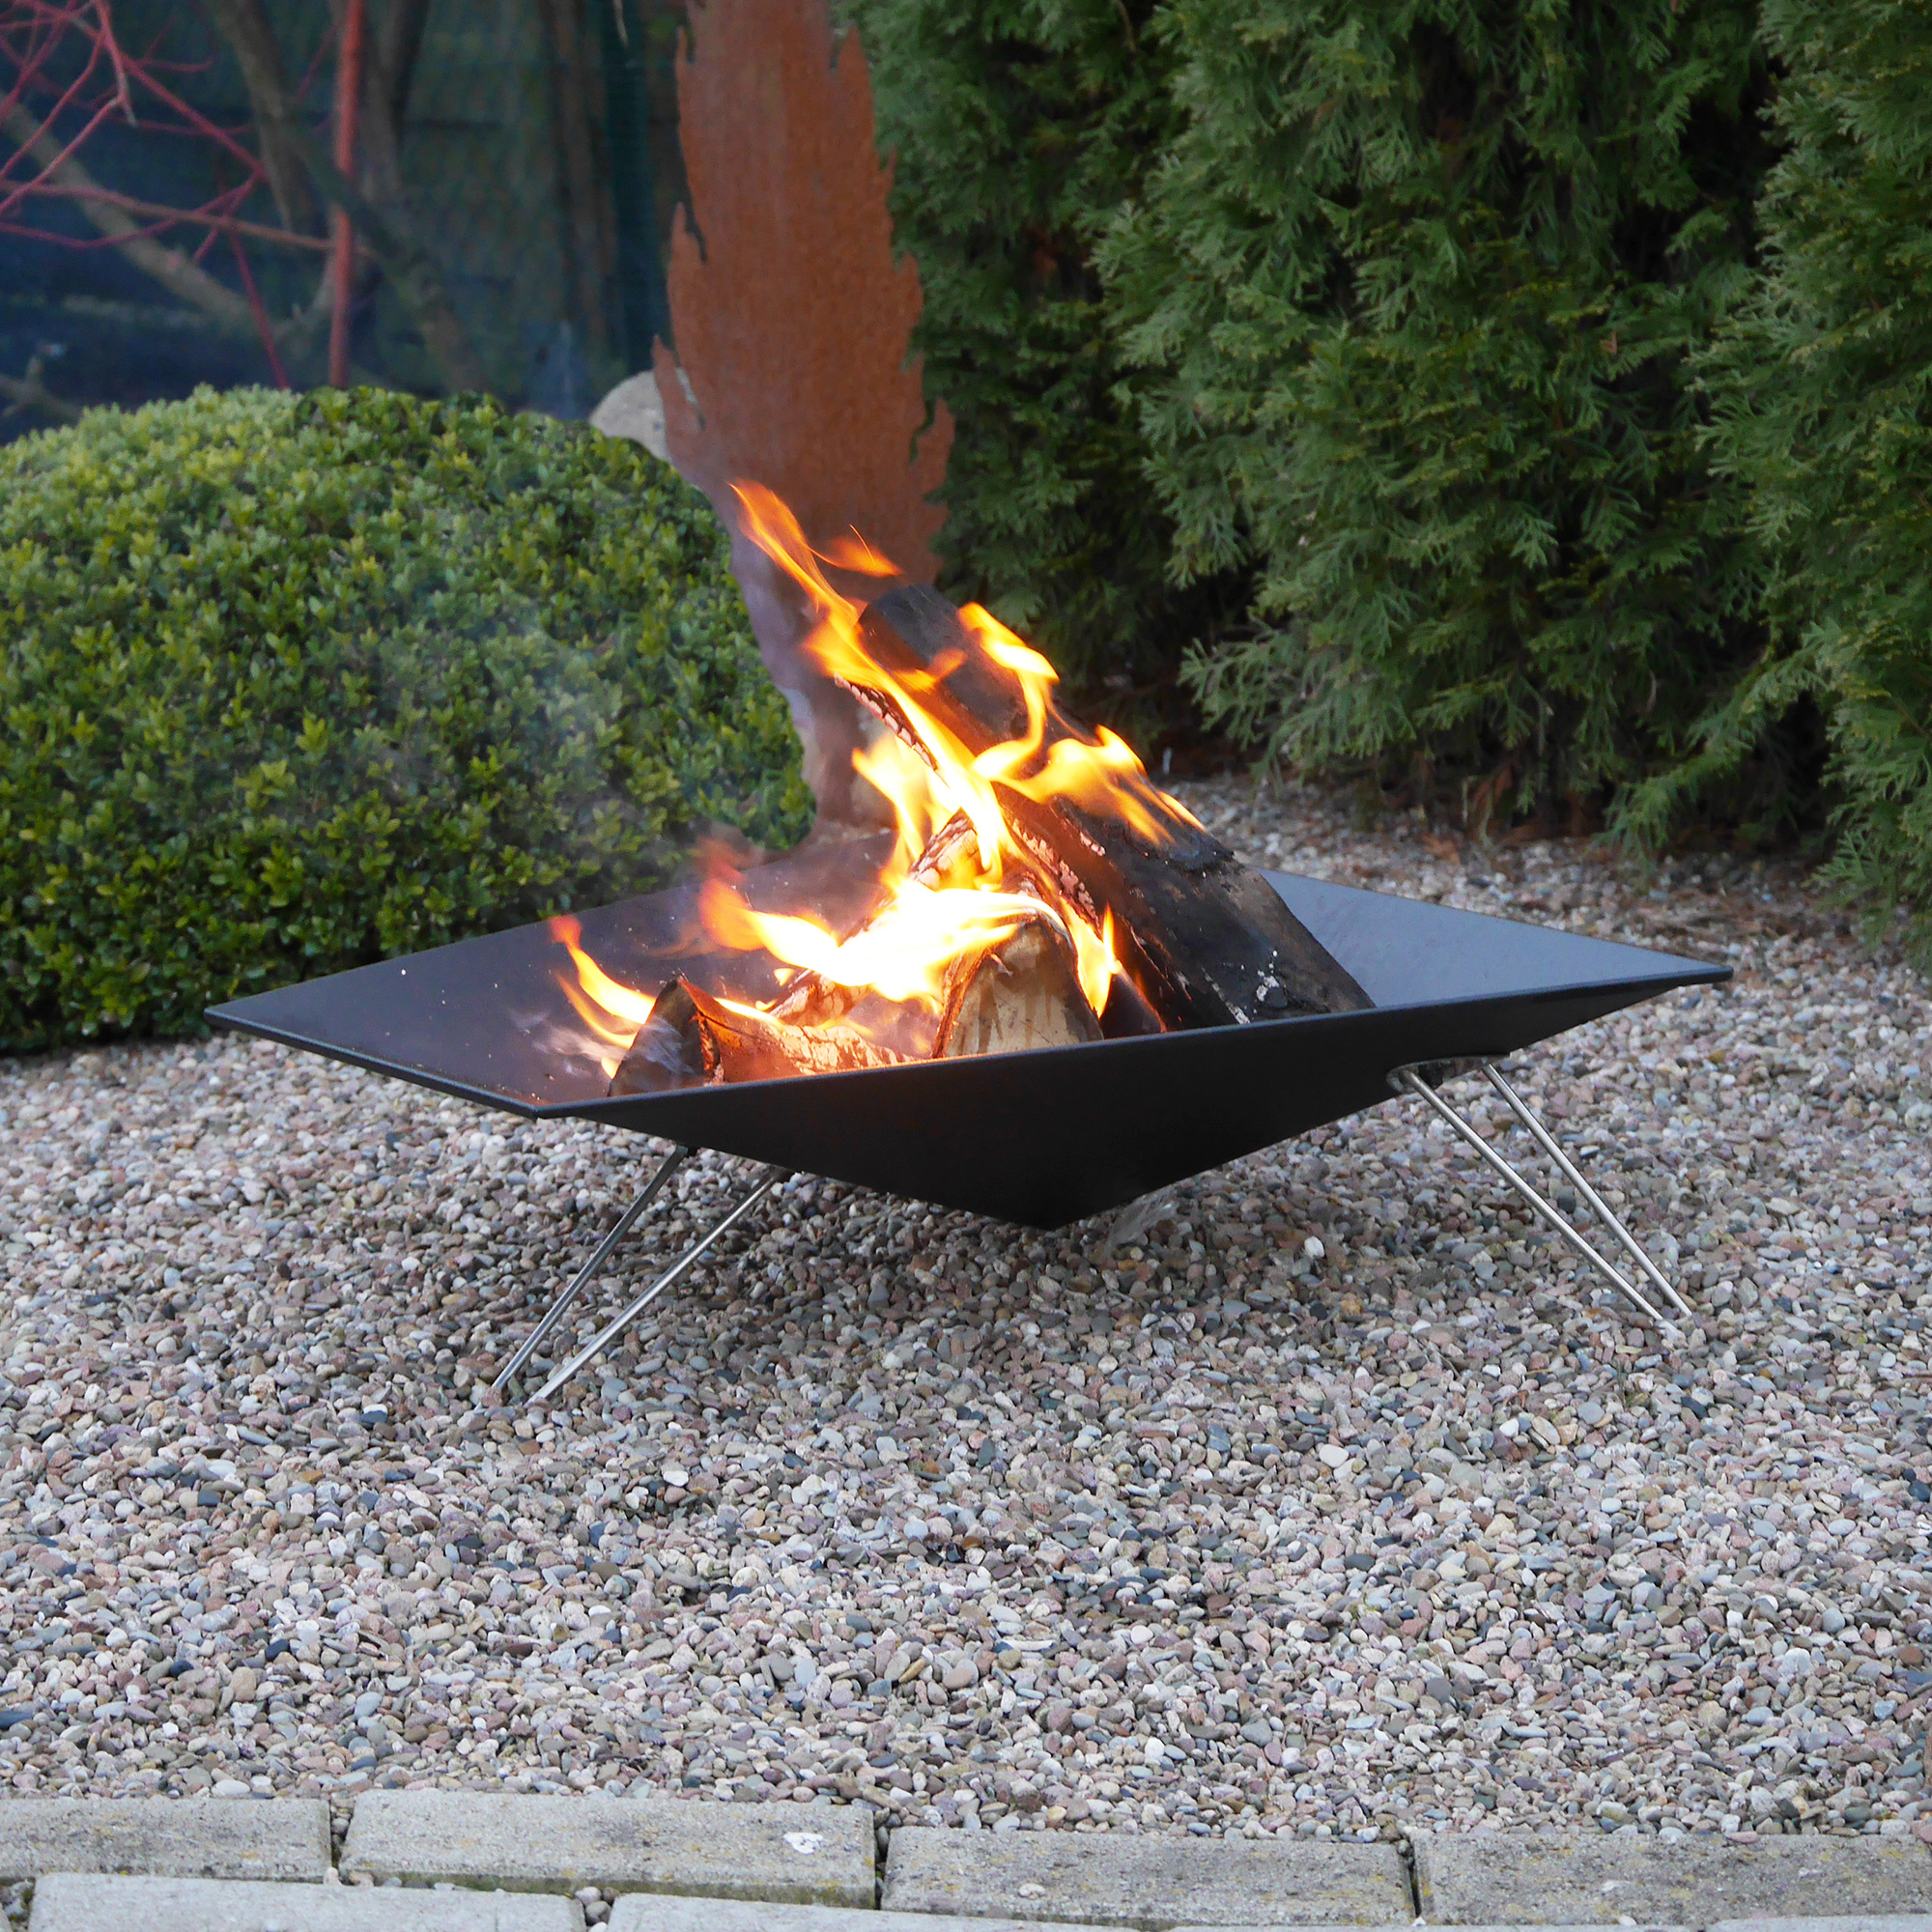 Berühmt VASNER Merive M3 Feuerschale Garten | VASNER SHOP @PL_01